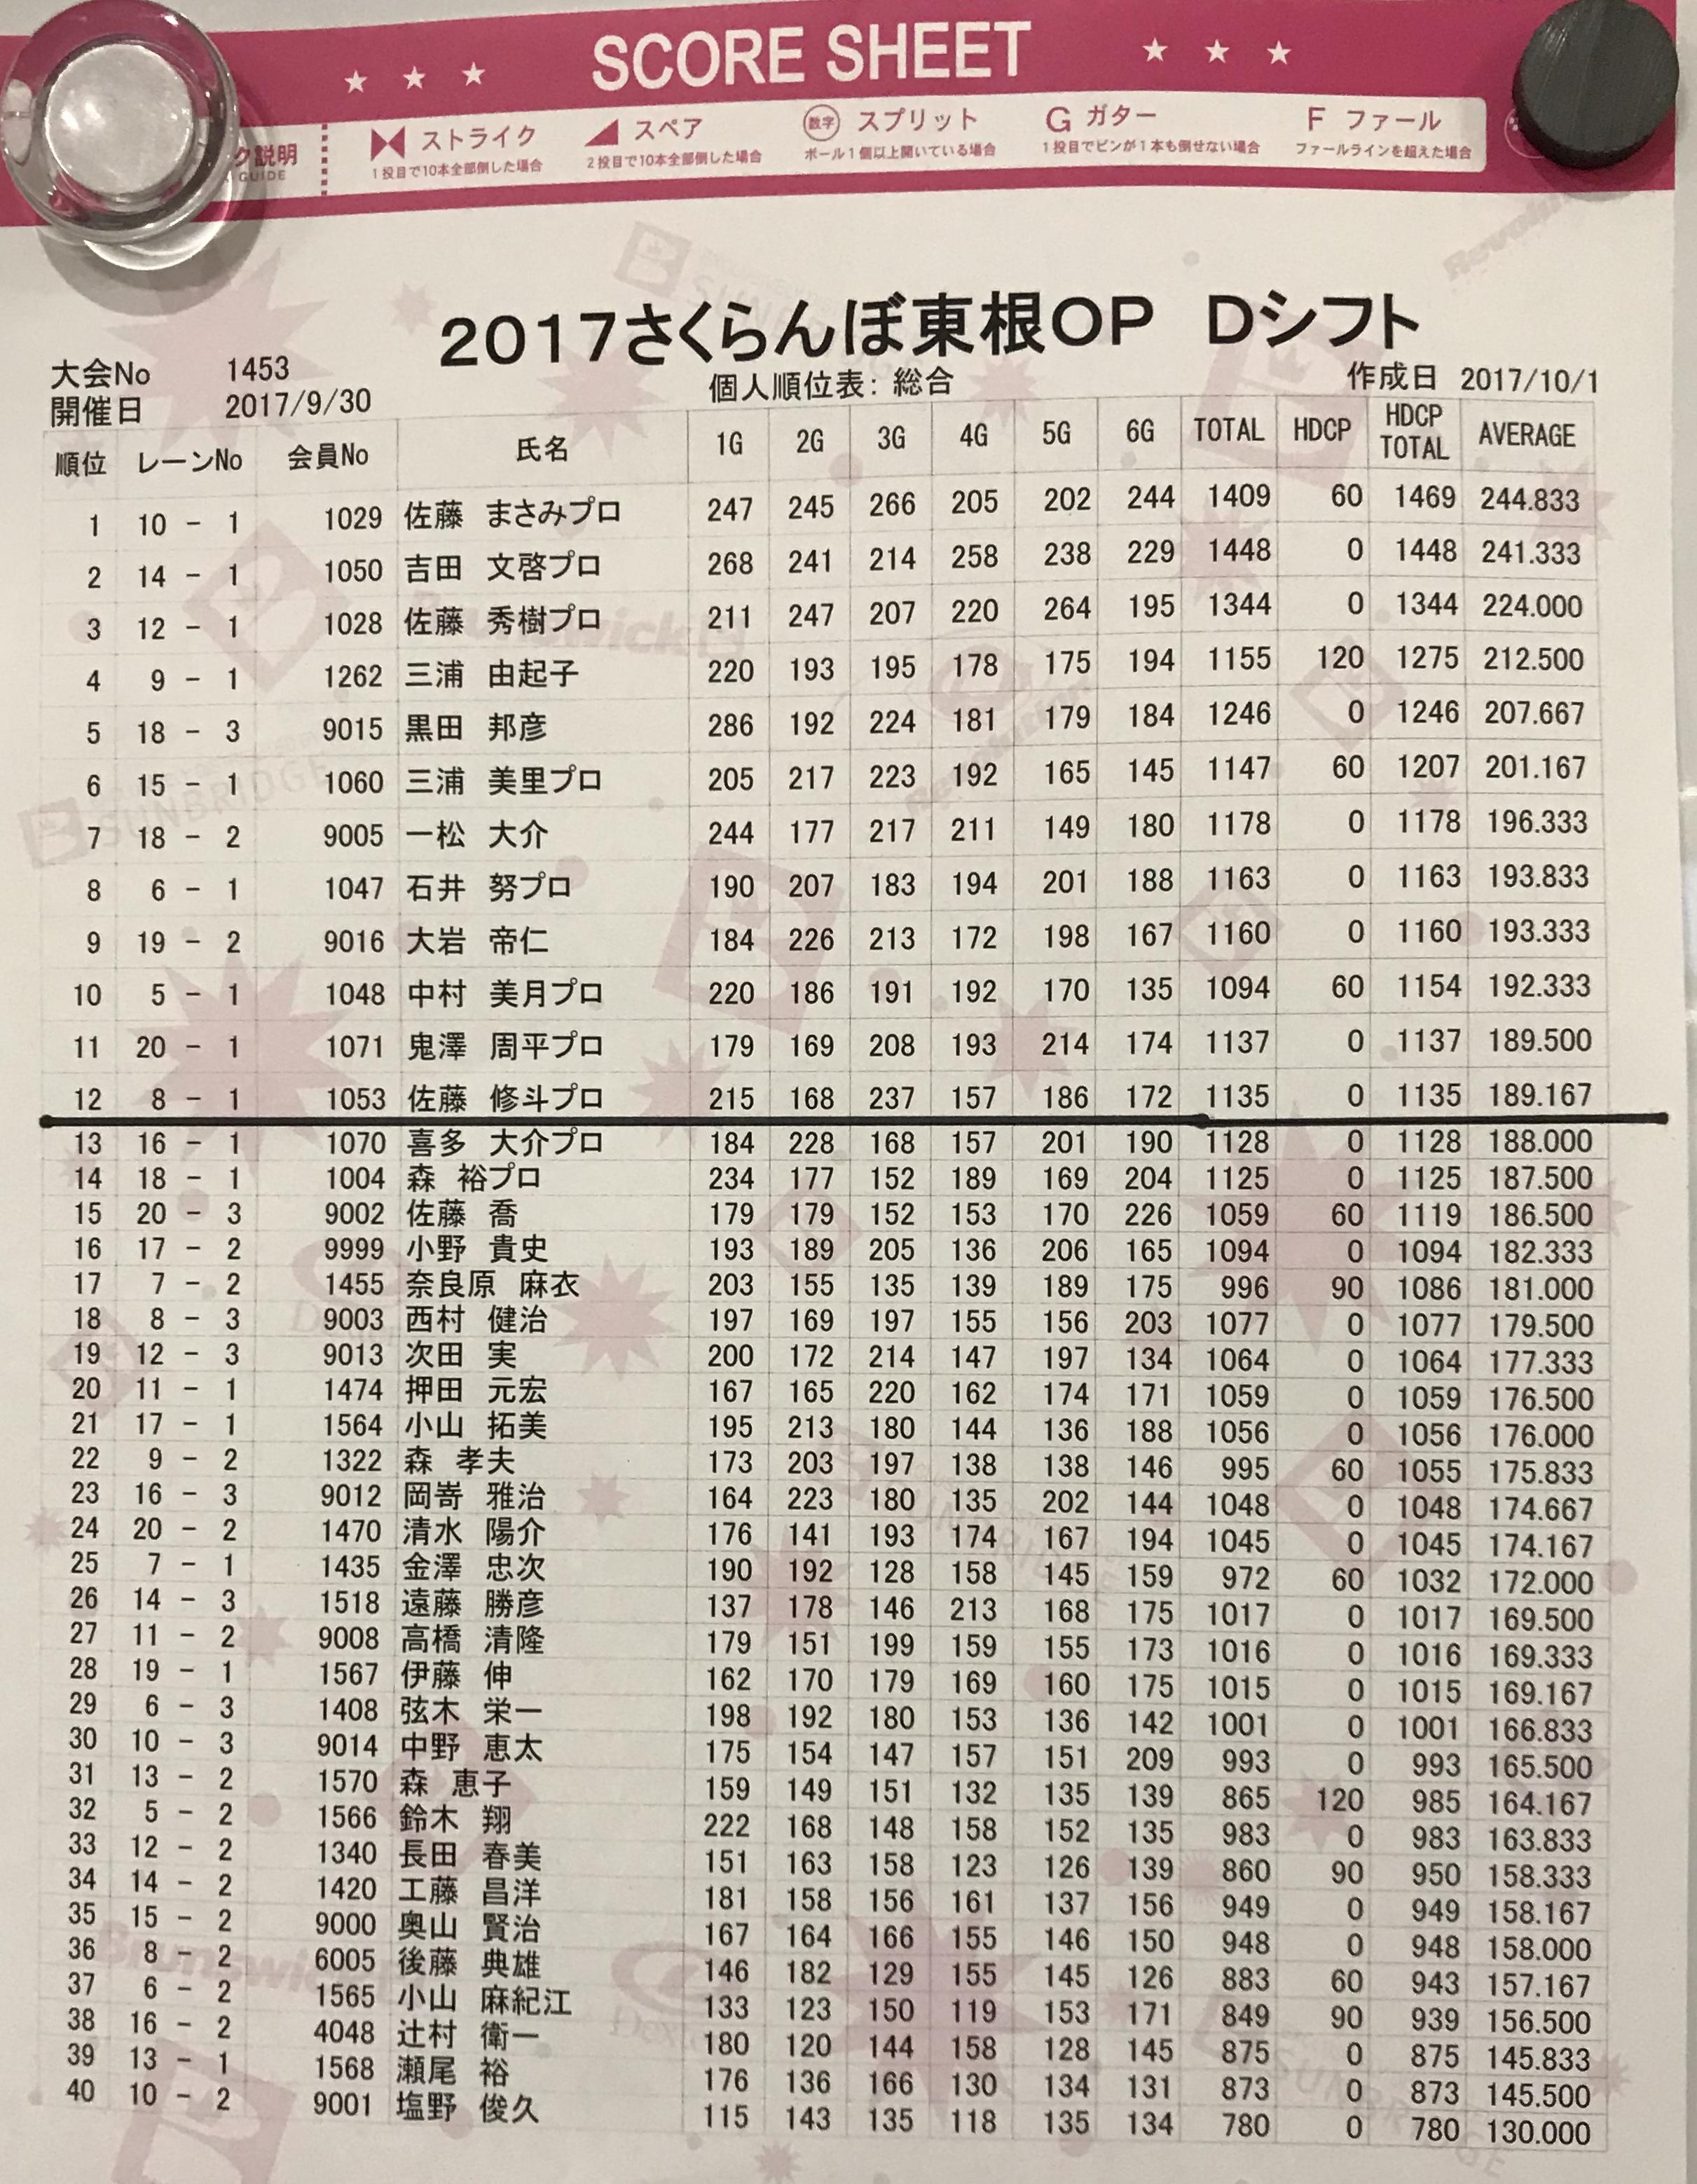 0AE9DAF7-3B22-49E7-A0B6-7BF0D7612813.jpeg